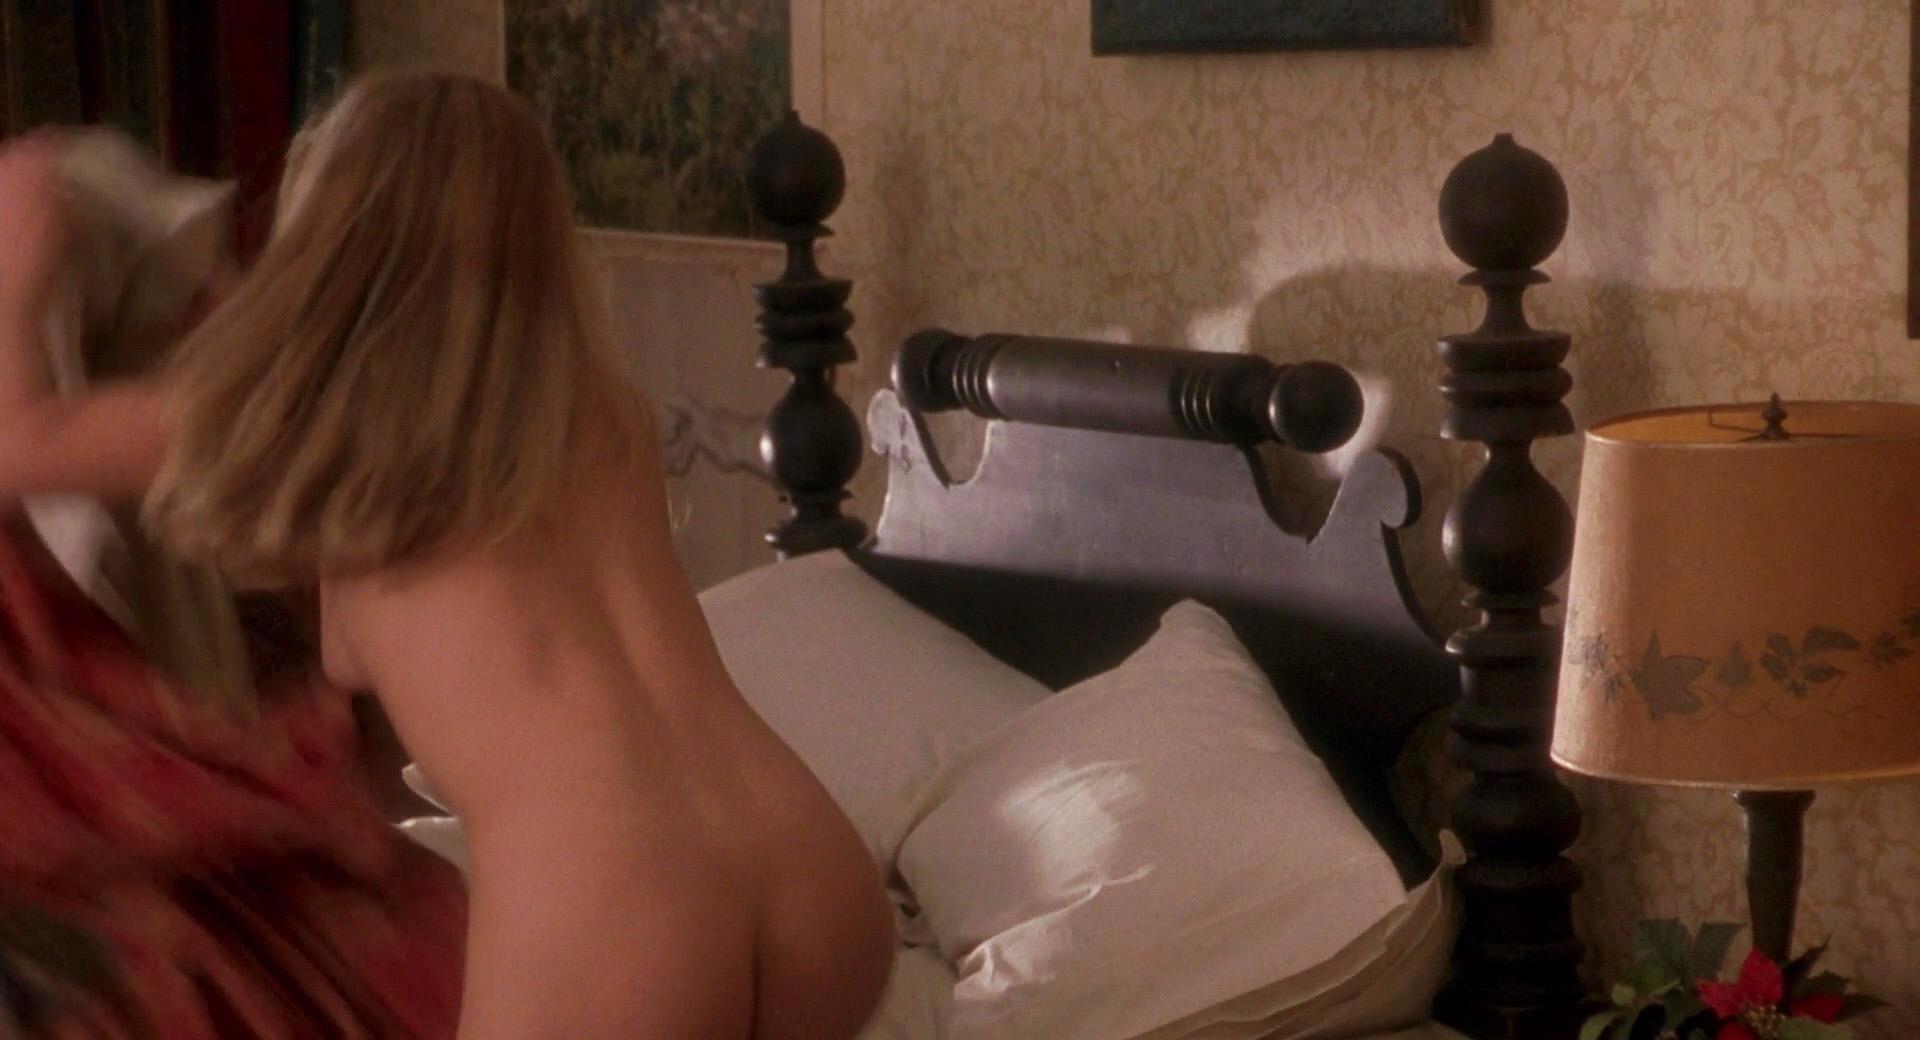 Gwyneth paltrow movie sex scene